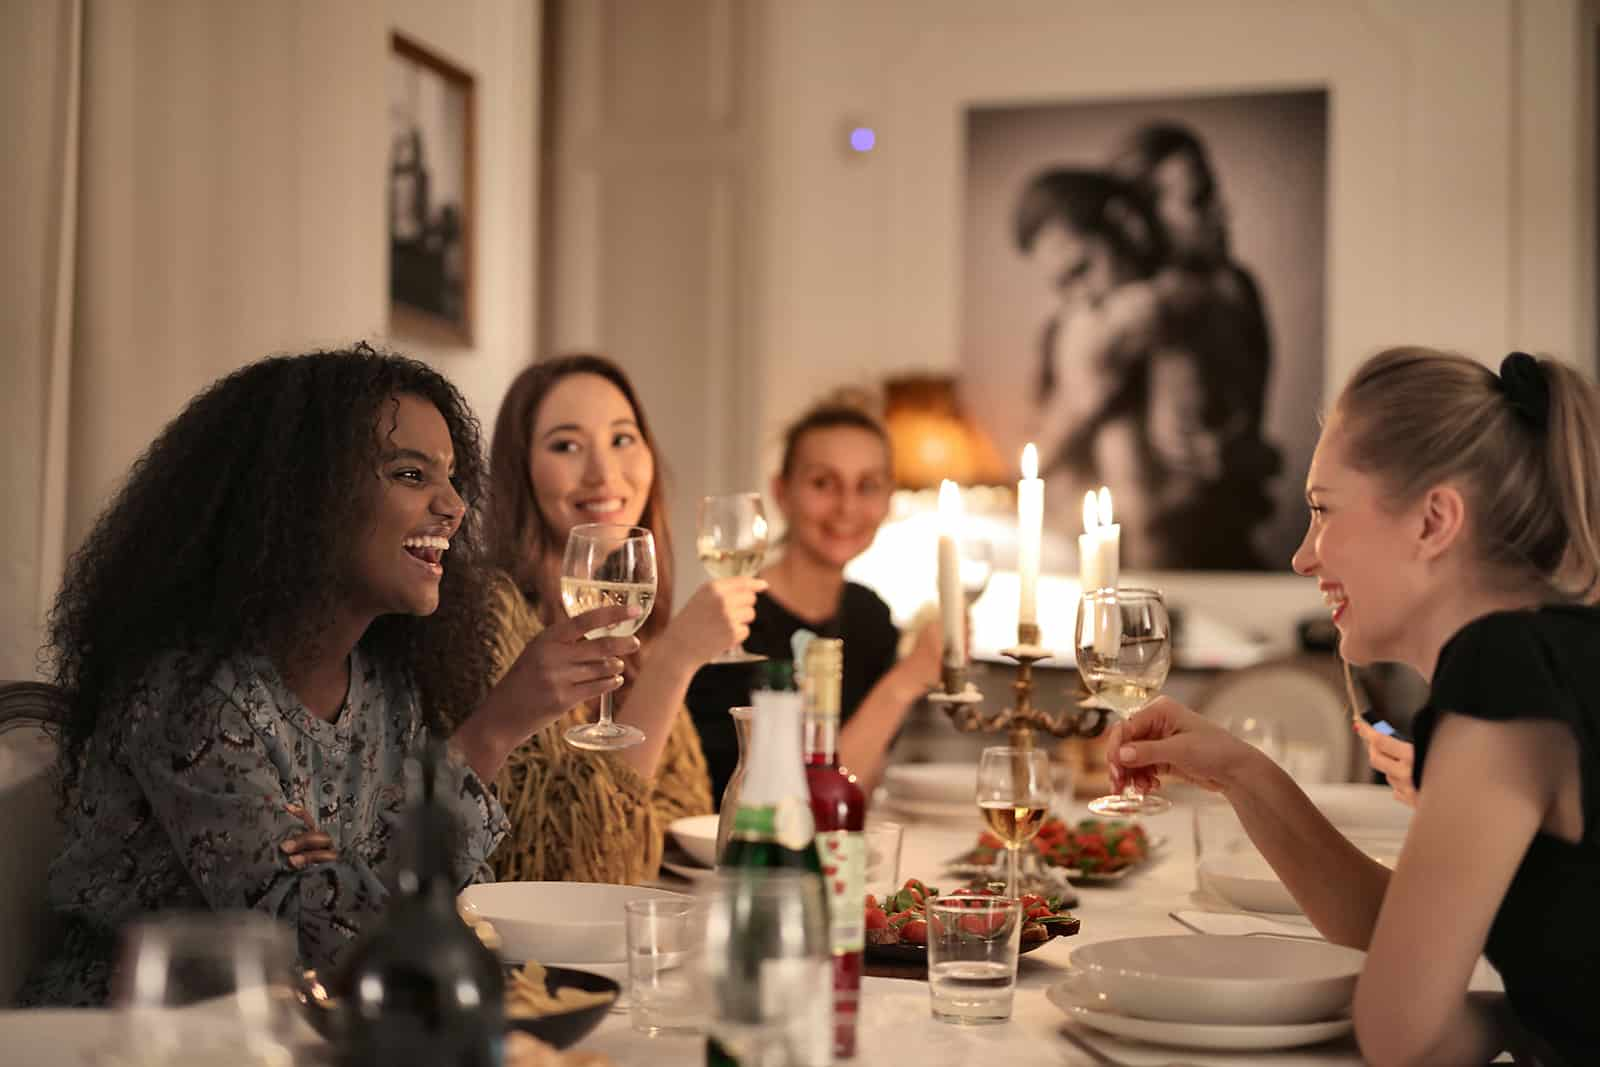 Eine Gruppe von Frauen, die sich beim Abendessen unterhalten und Wein trinken